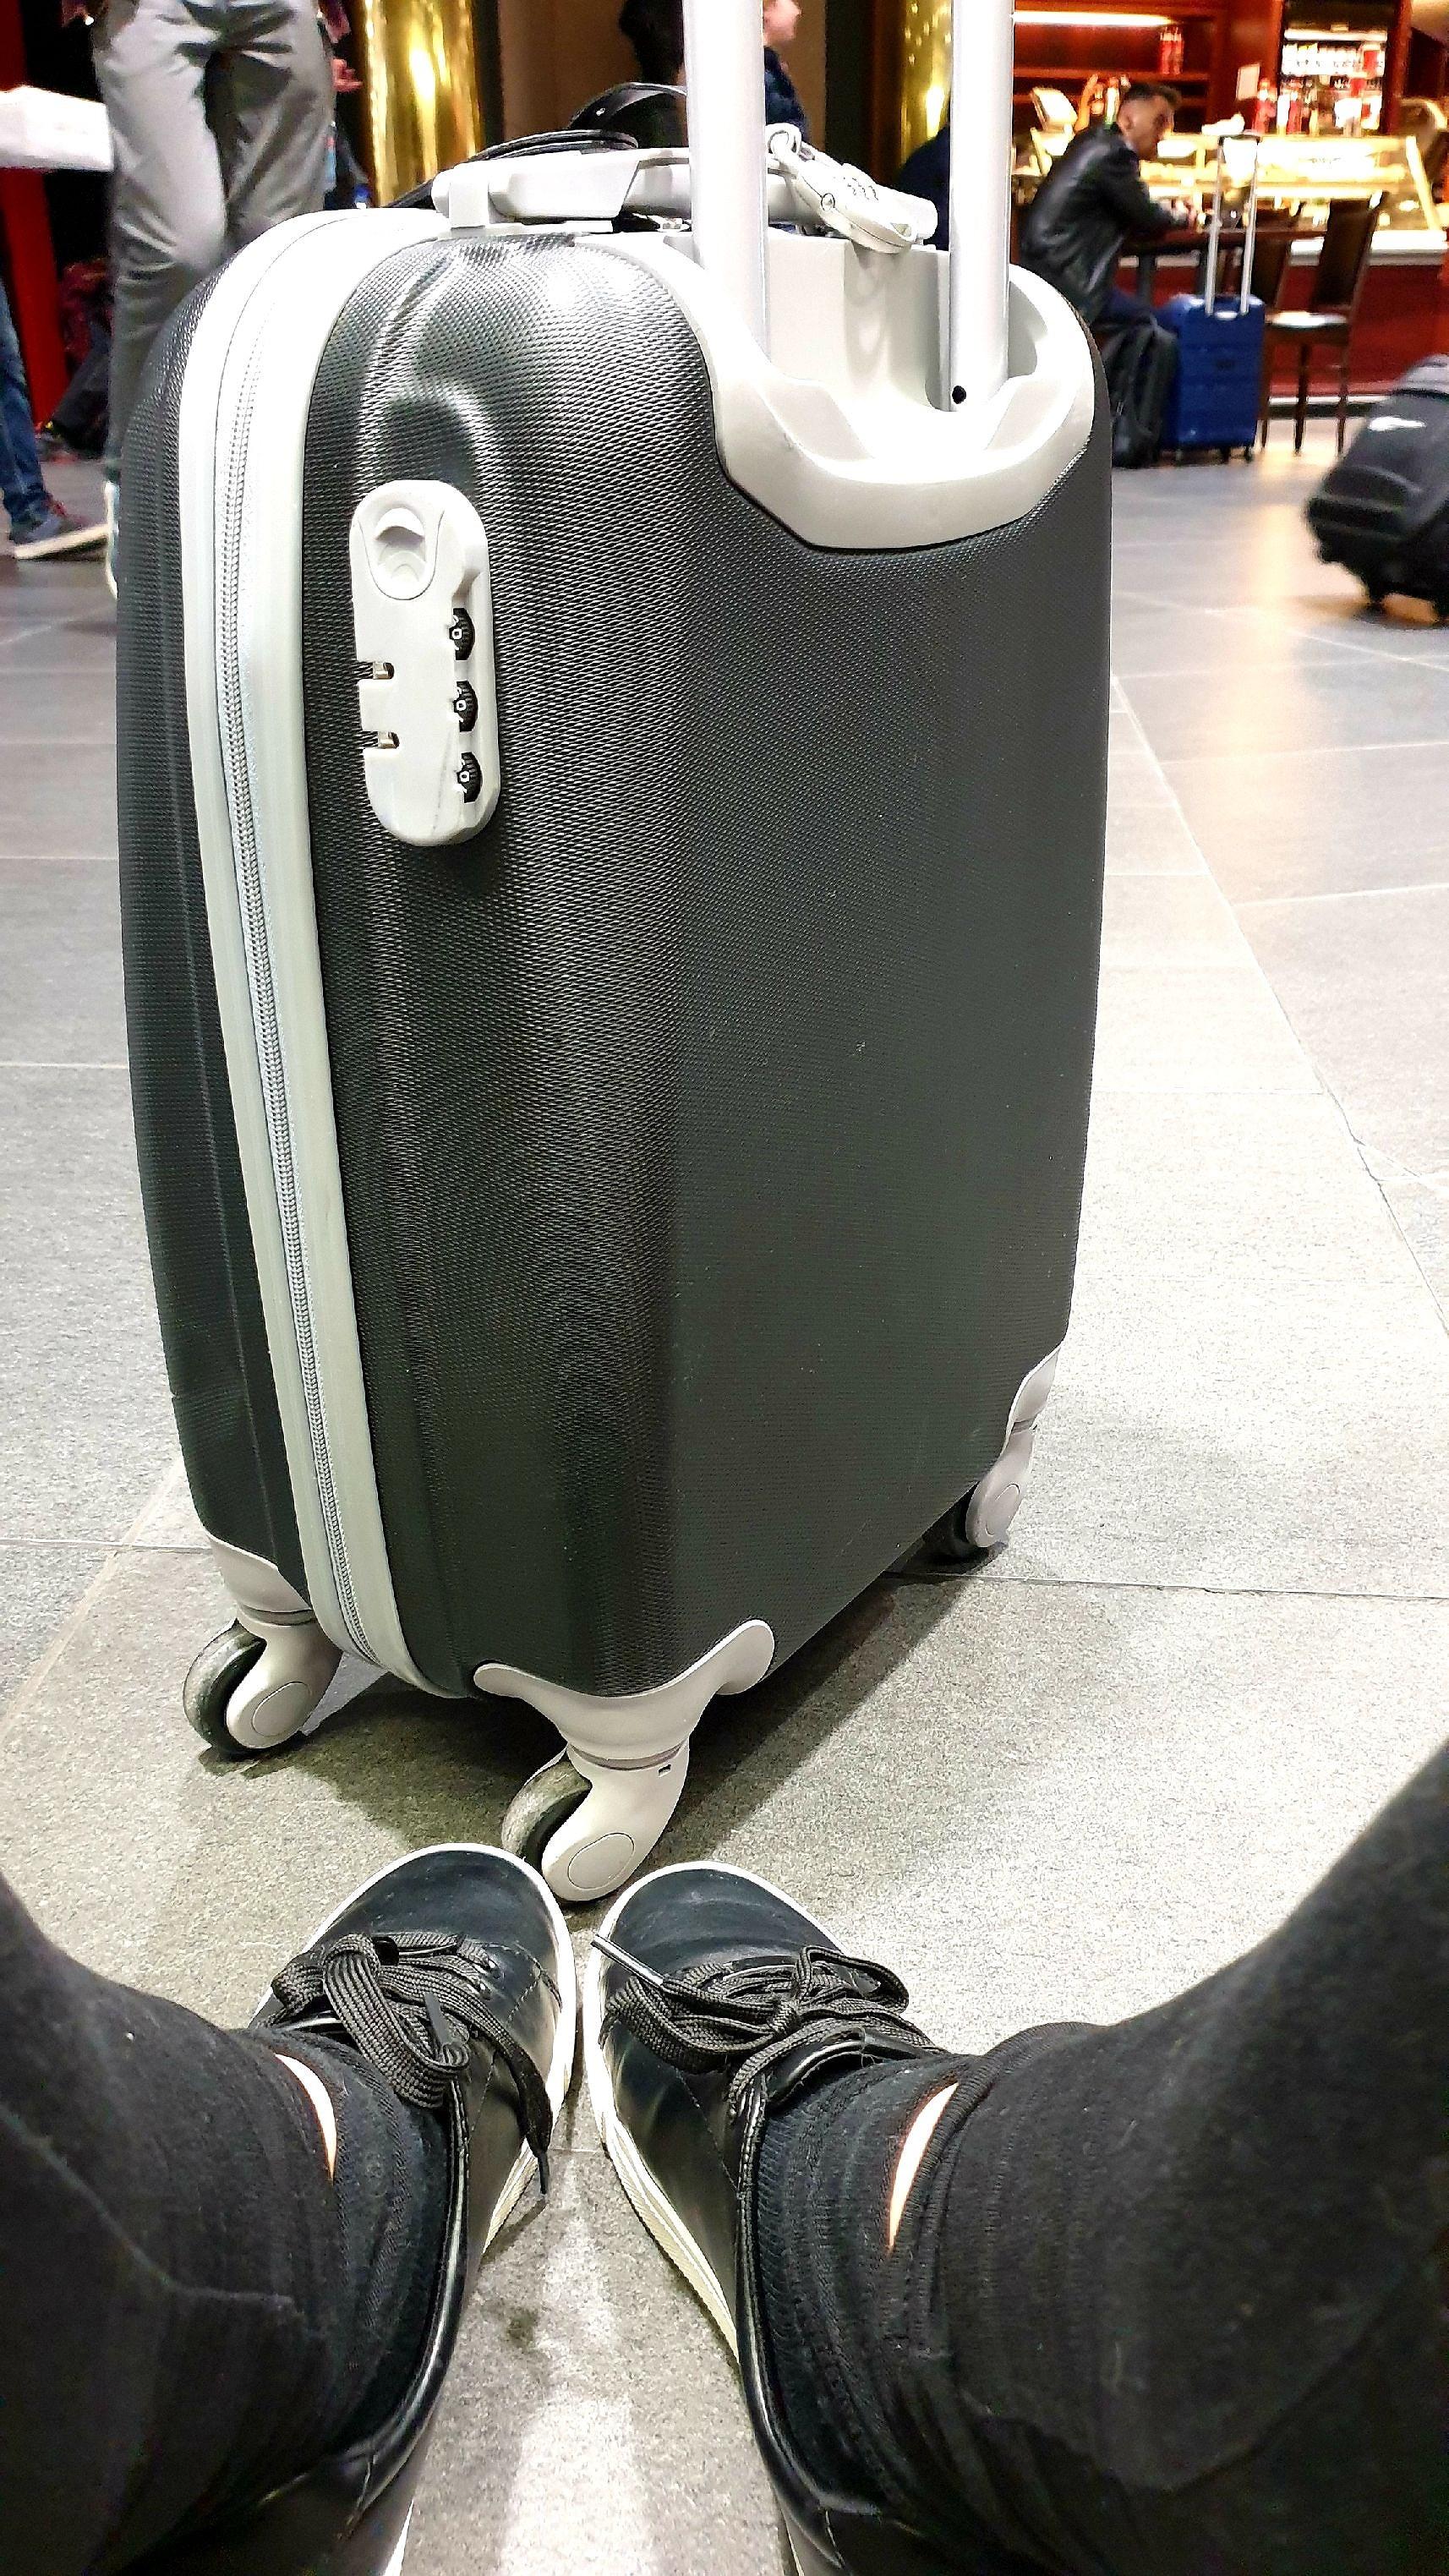 Söndrig väska och väntetider